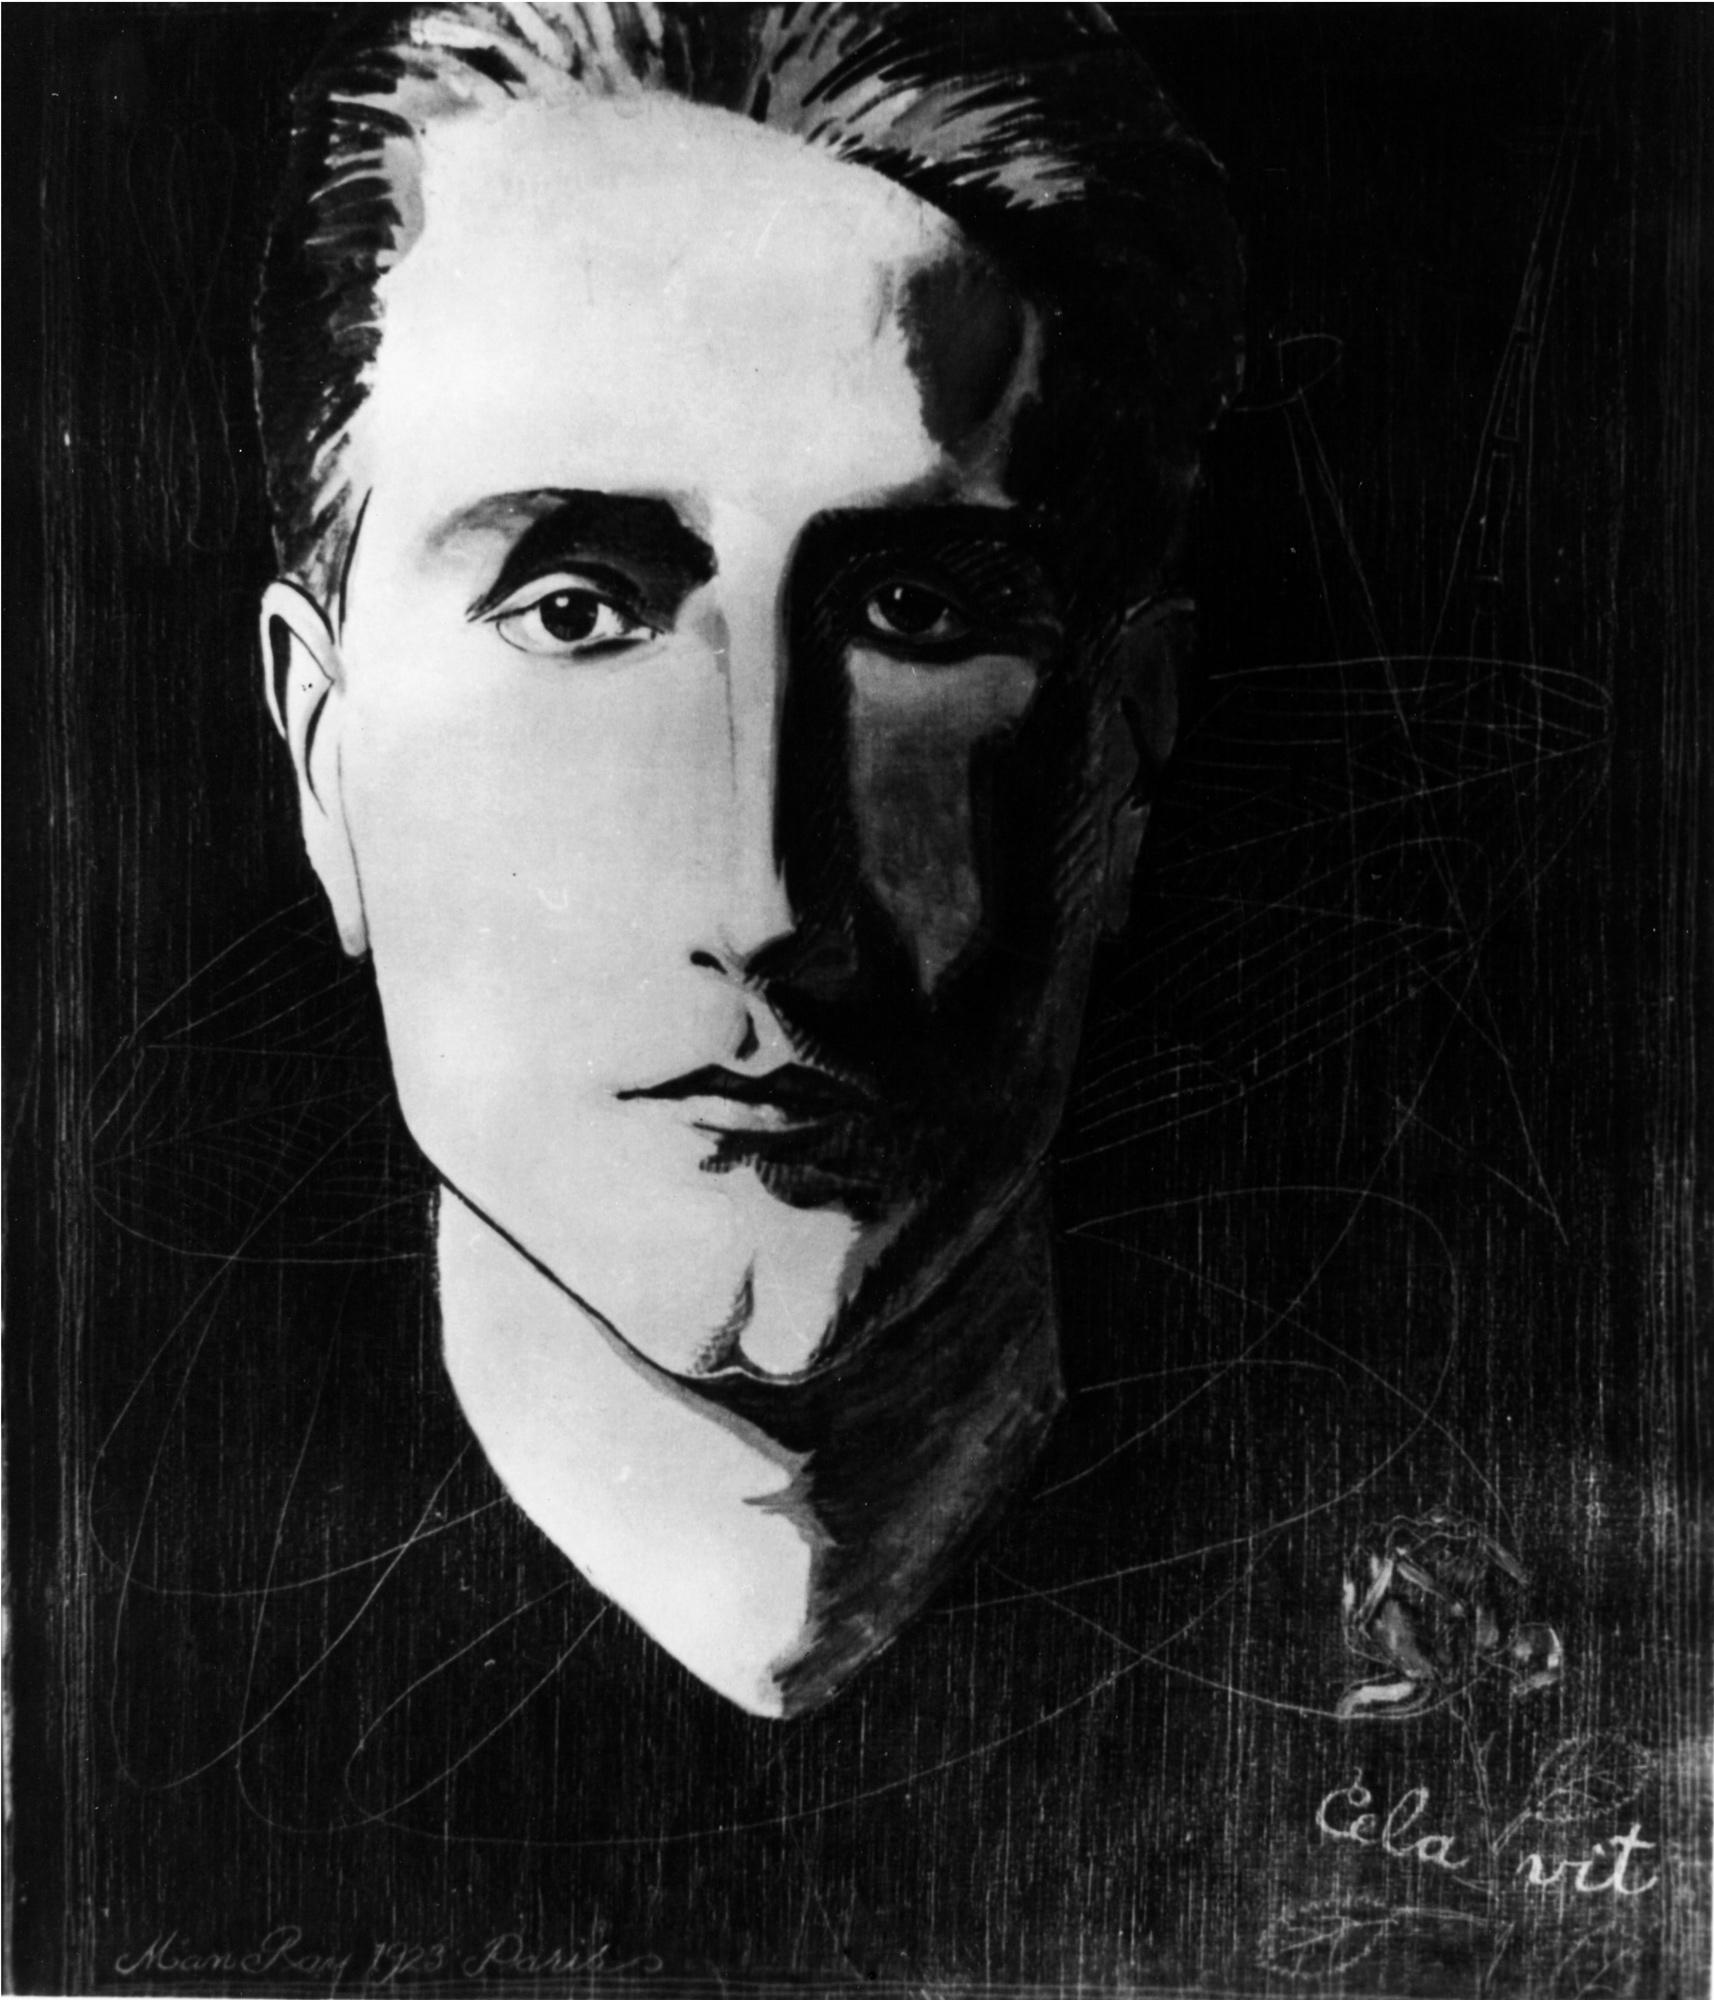 Ritratto di Marcel Duchamp, 1923